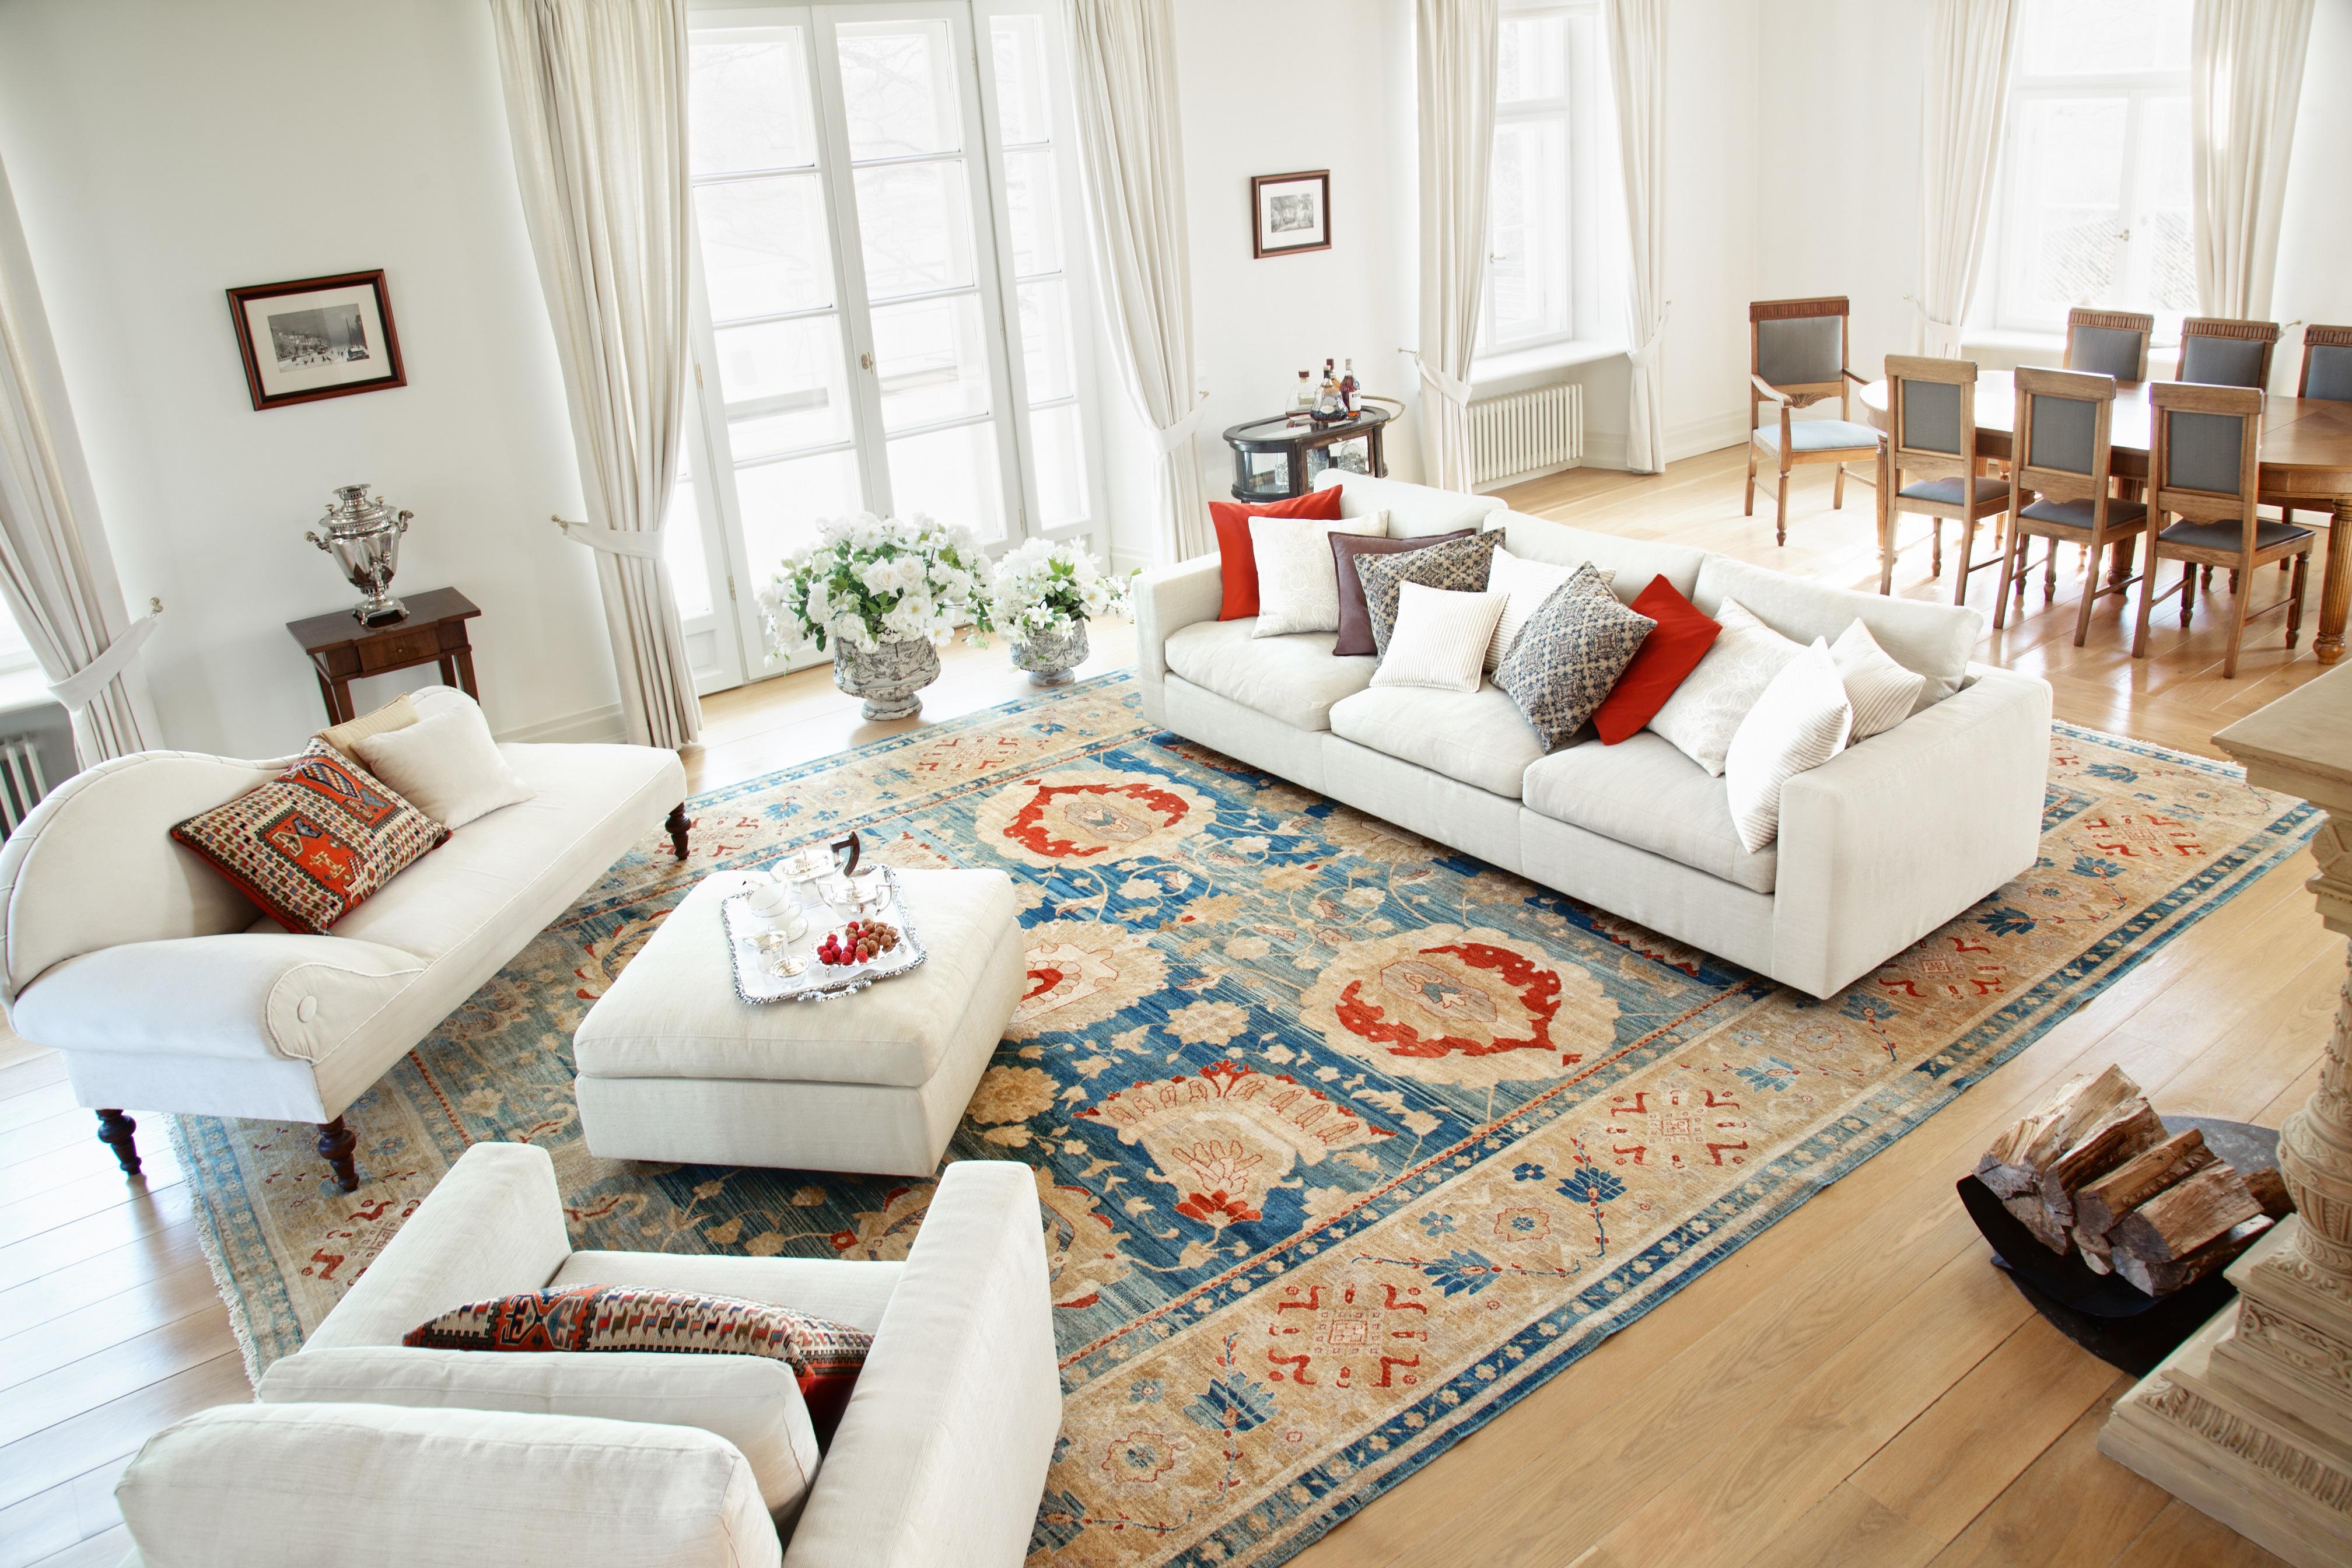 Apartments – Rumene manor